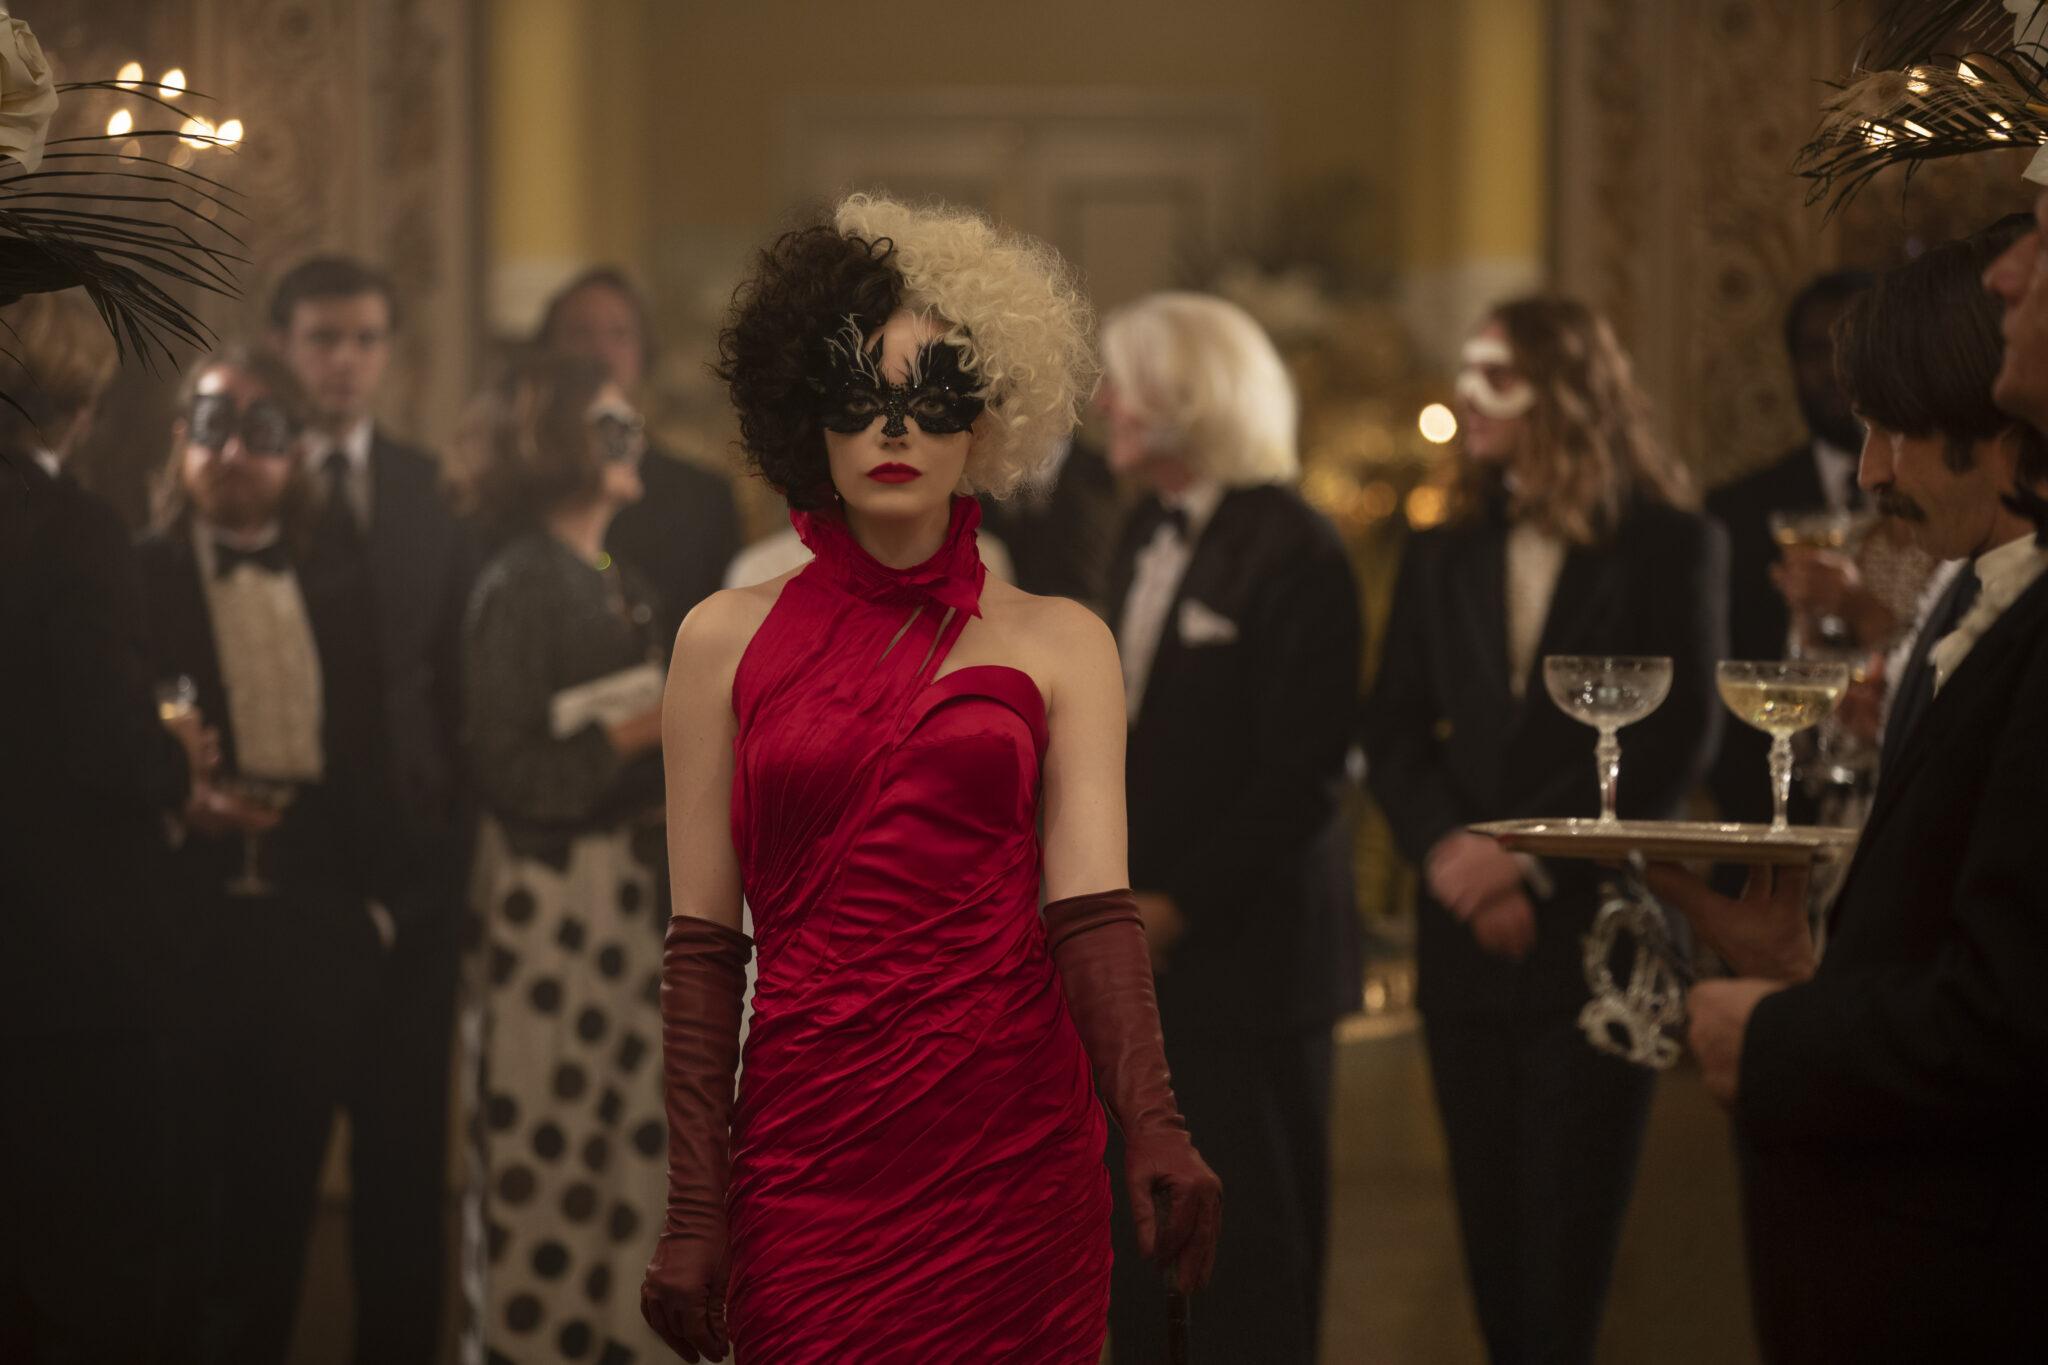 Emma Stone als Cruella in einem knallroten Abendkleid mit schwarzweißen Haaren und einer schwarzen Maske. Hinter ihr sieht man einige edel gekleidete Mitglieder der Abendgesellschaft.